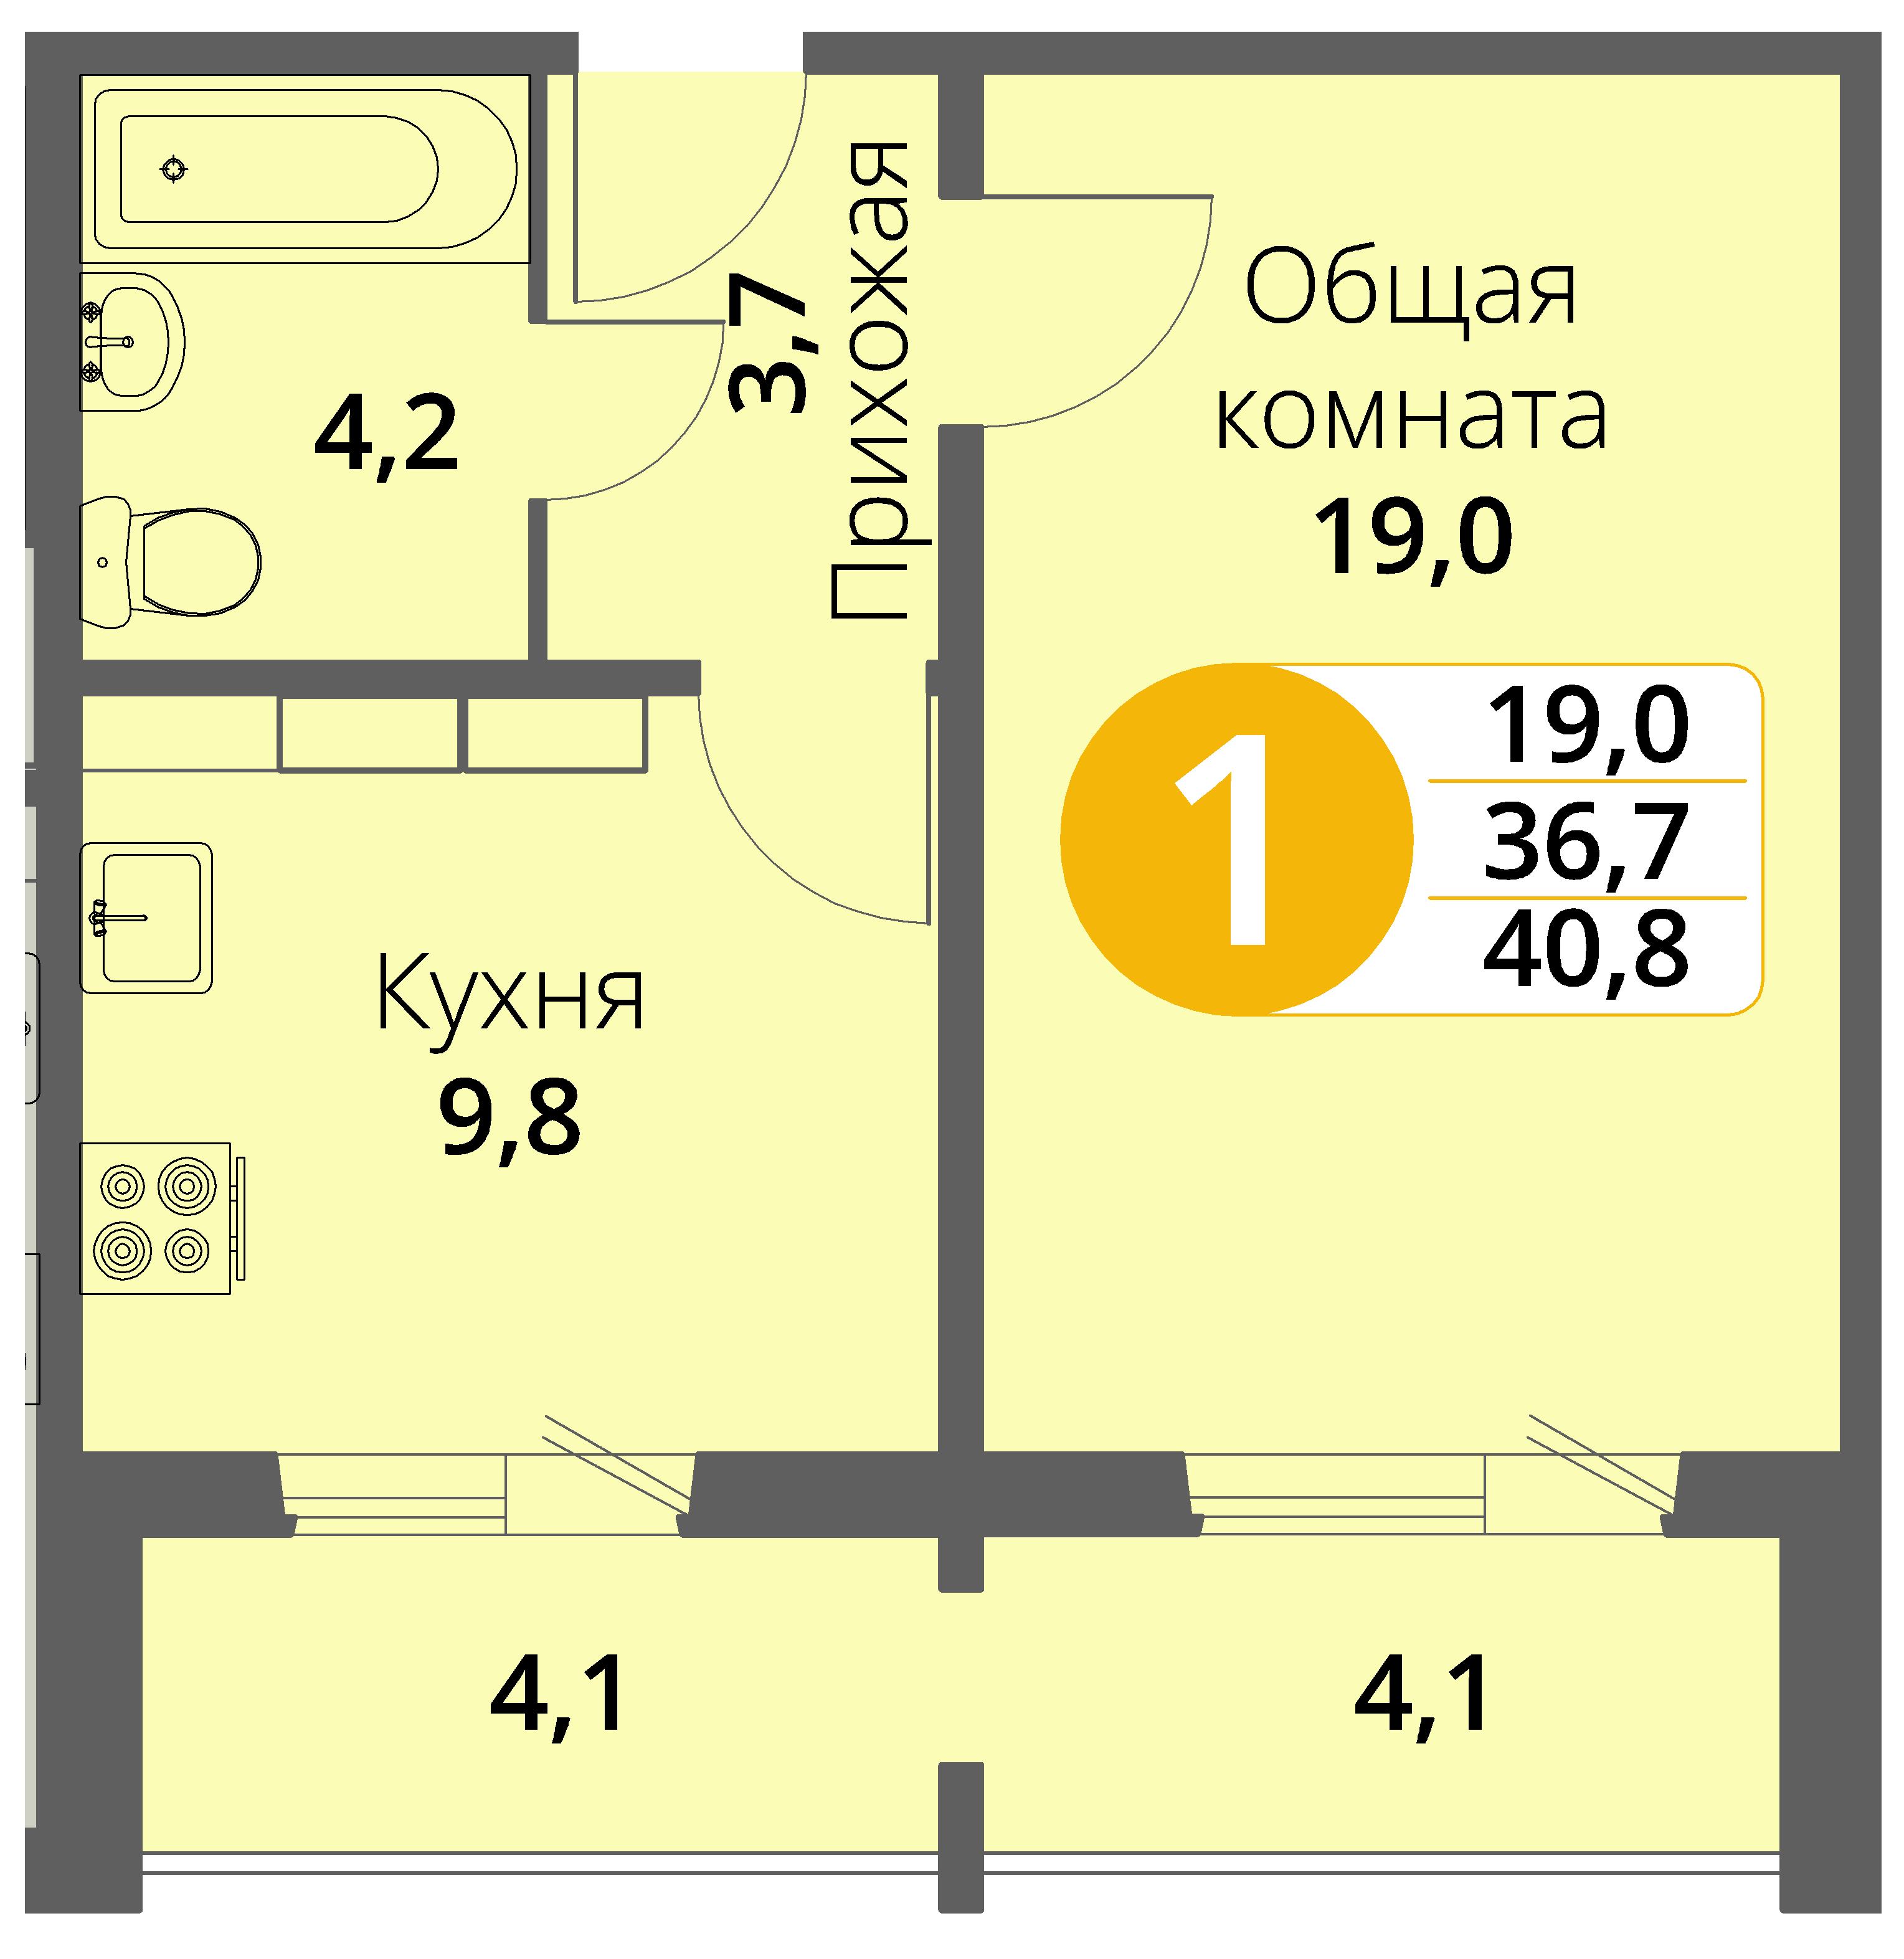 Зареченская 1-2, квартира 168 - Однокомнатная